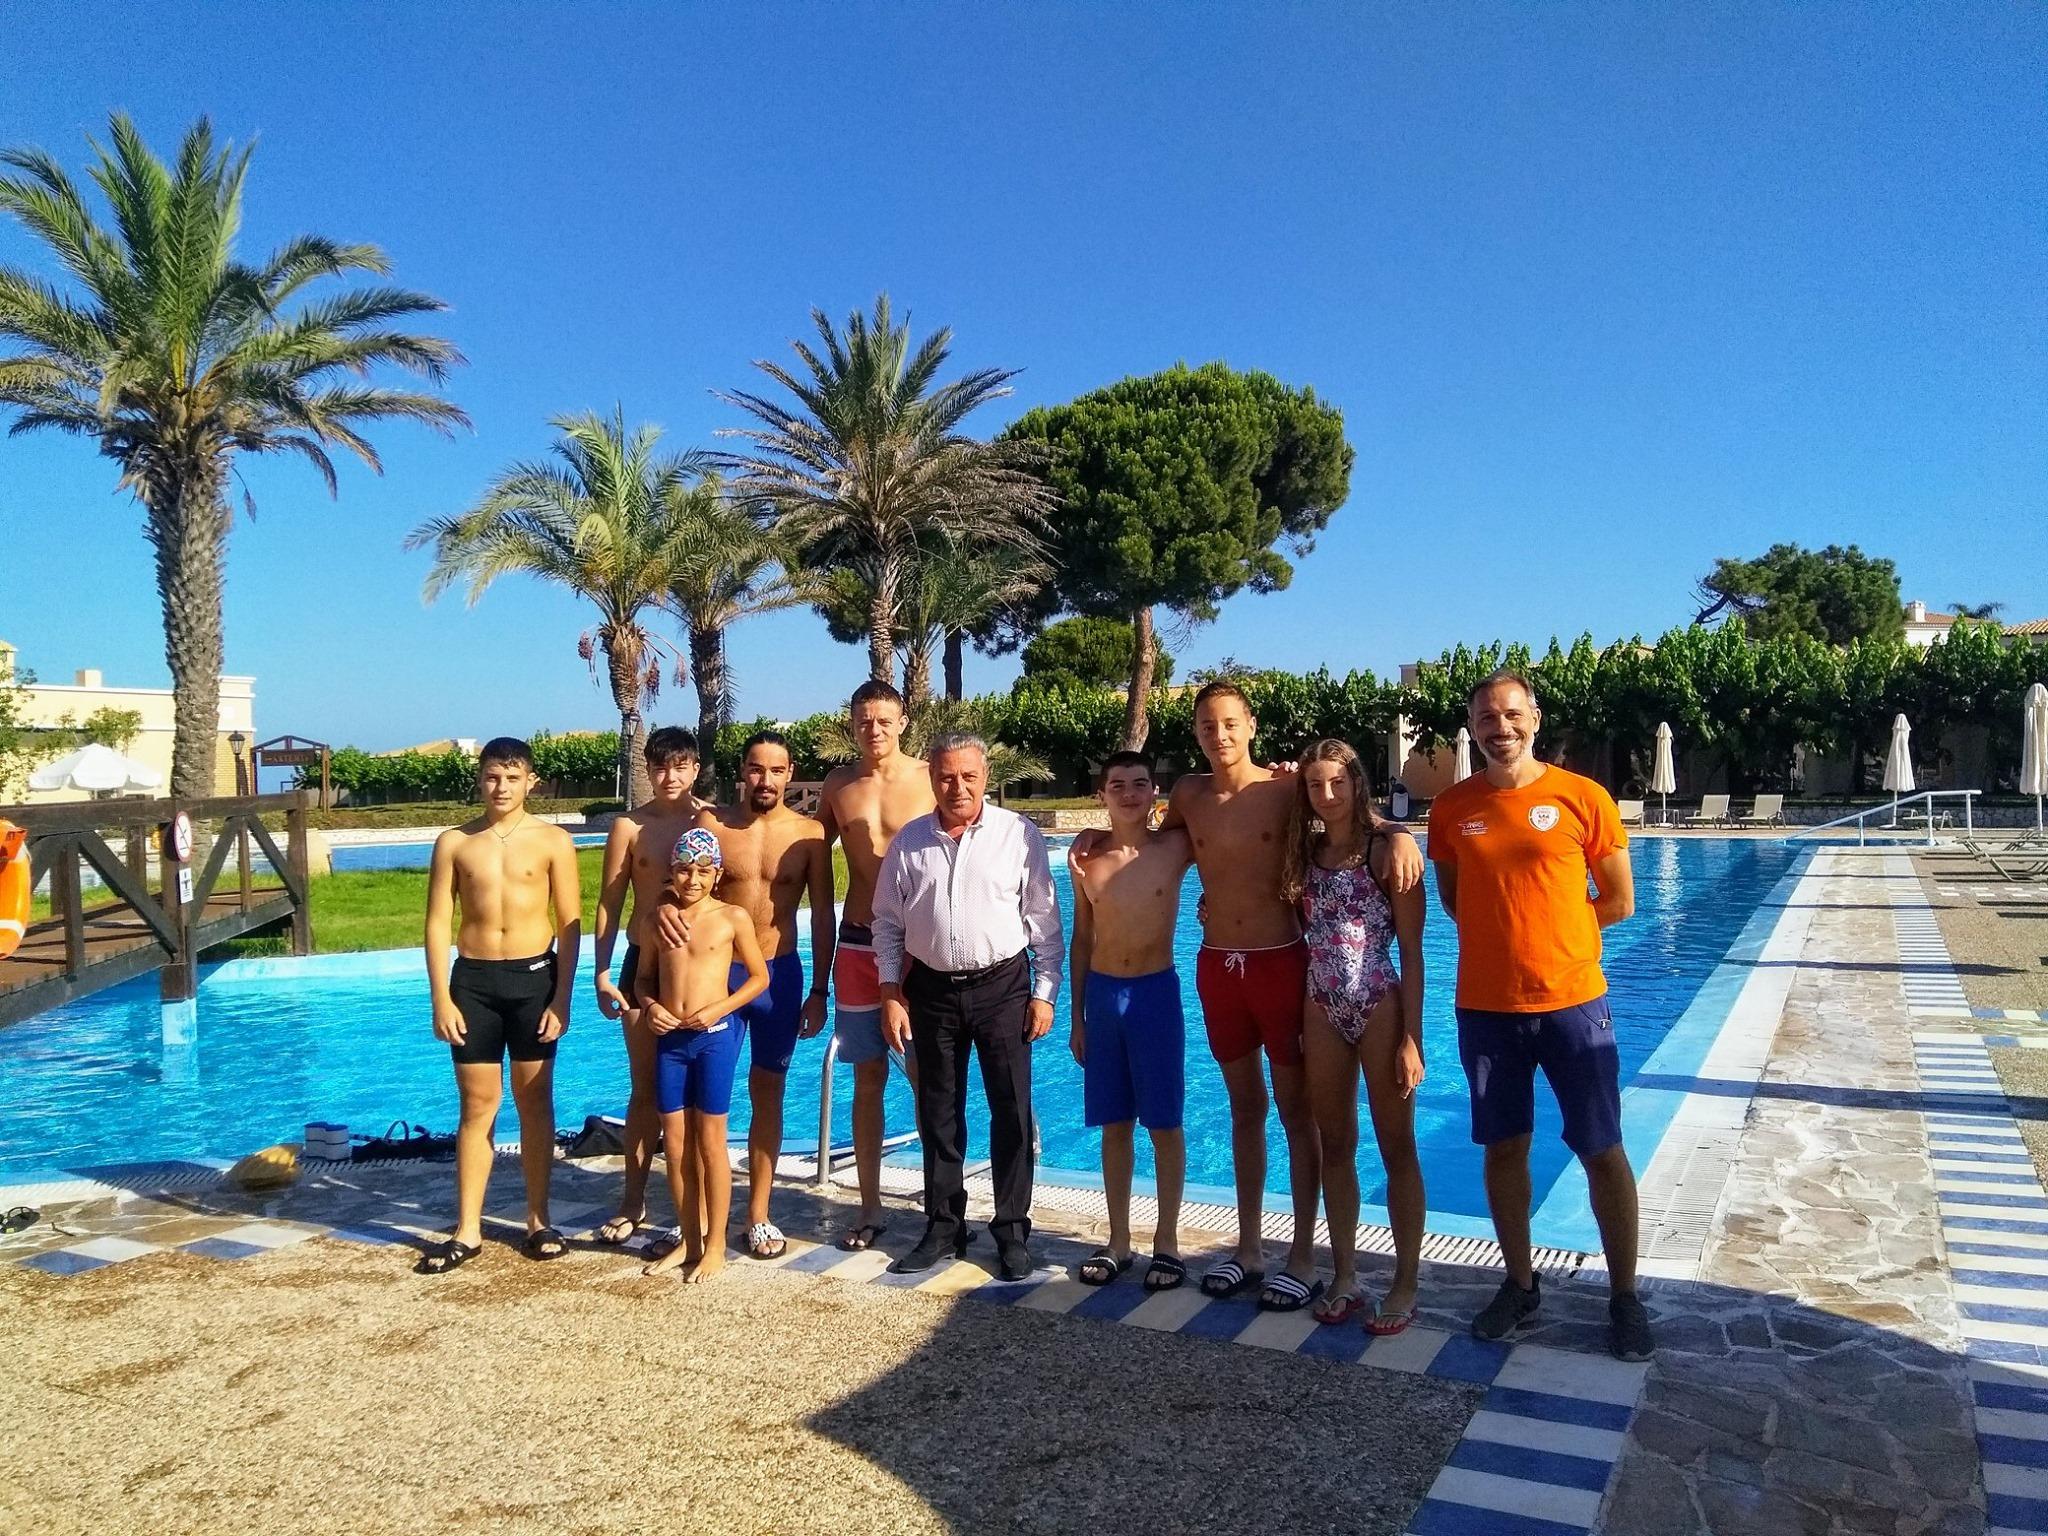 Επειός Γ.Σ. Ήλιδας: Προπονήσεις των αθλητών κολύμβησης στο Aldemar Resorts Olympian Village